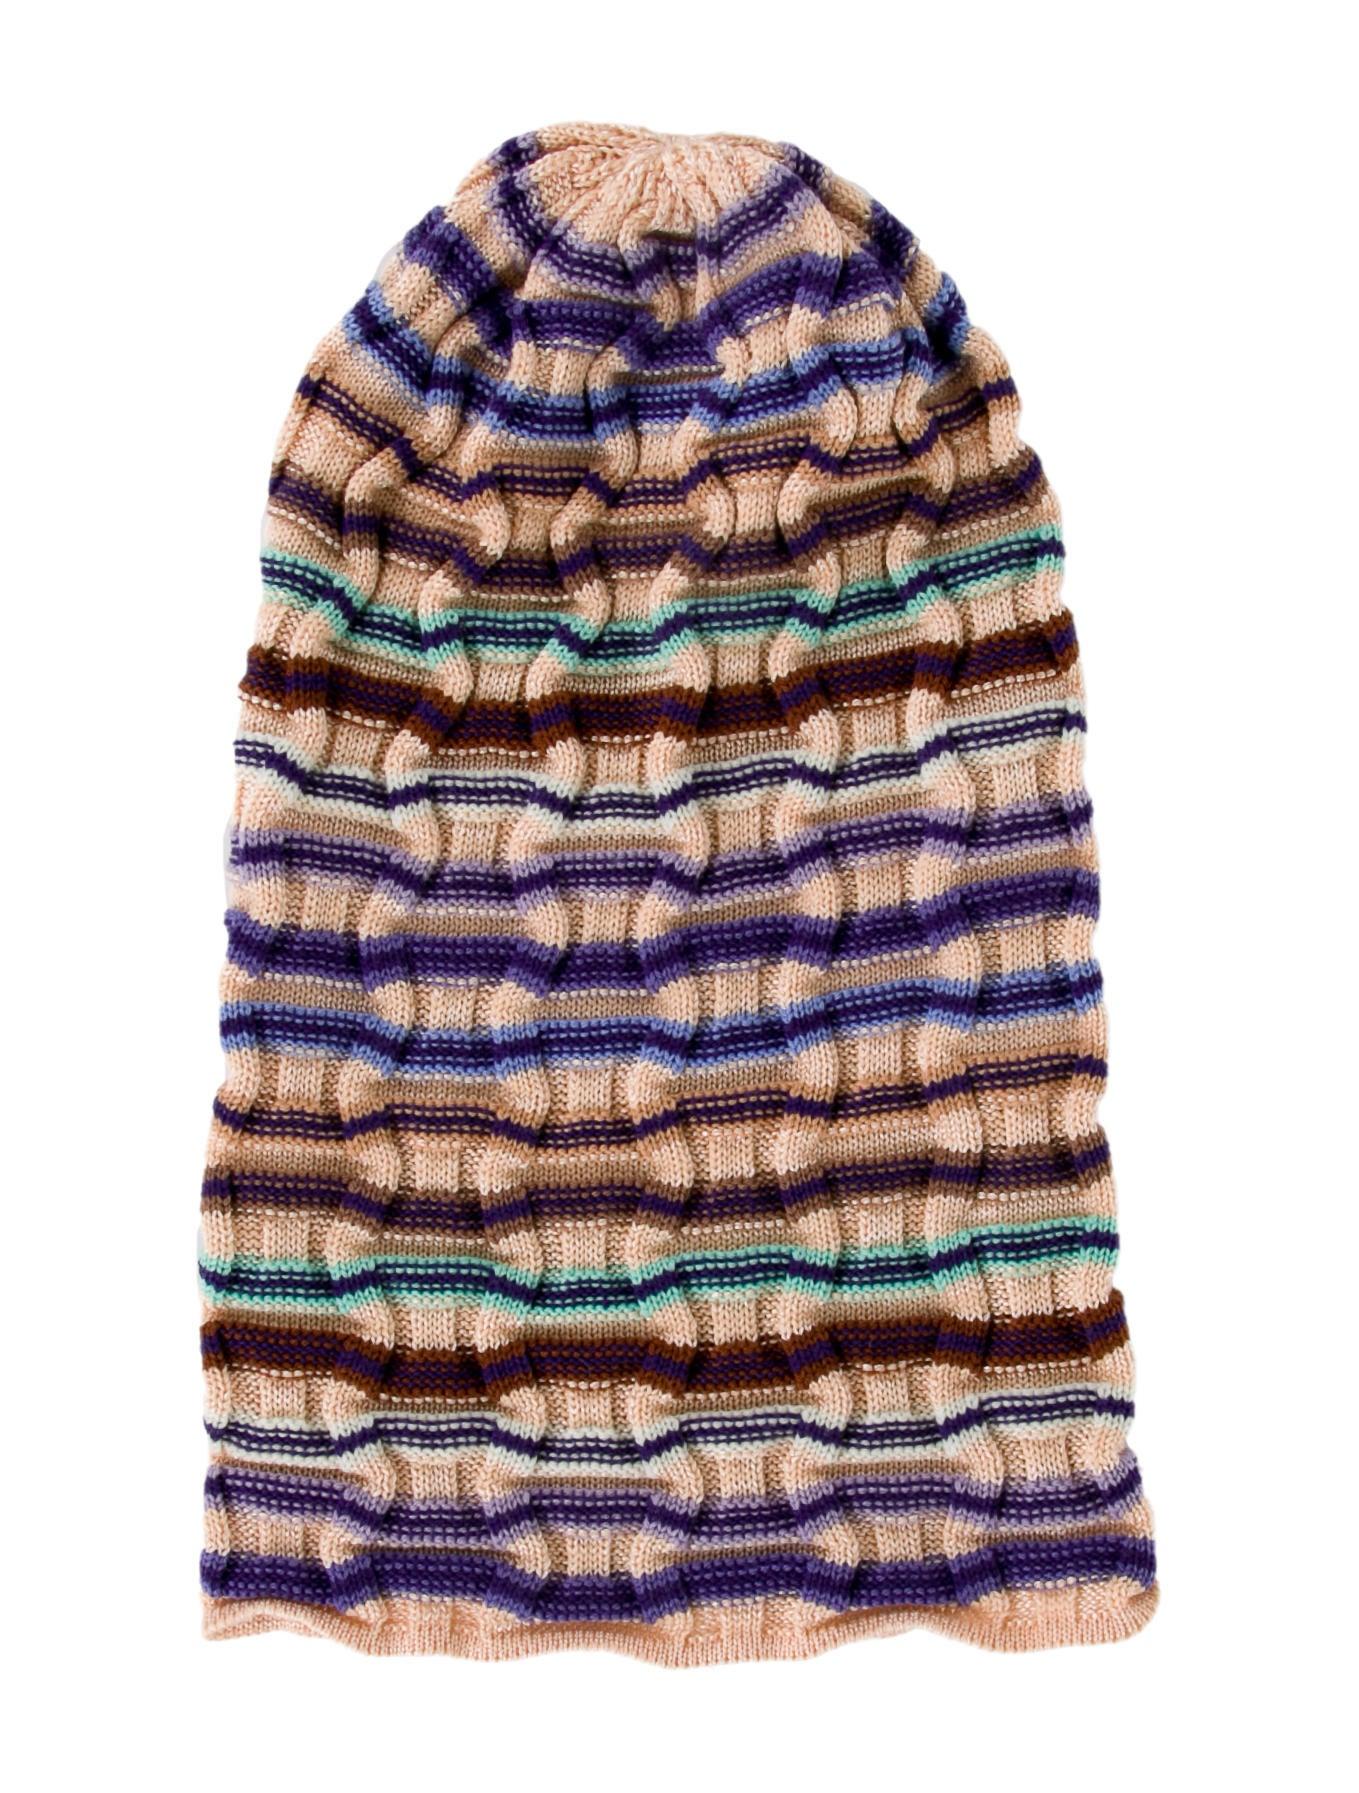 316a4dfddcc Missoni Rib Knit Patterned Beanie - Accessories - MIS57493